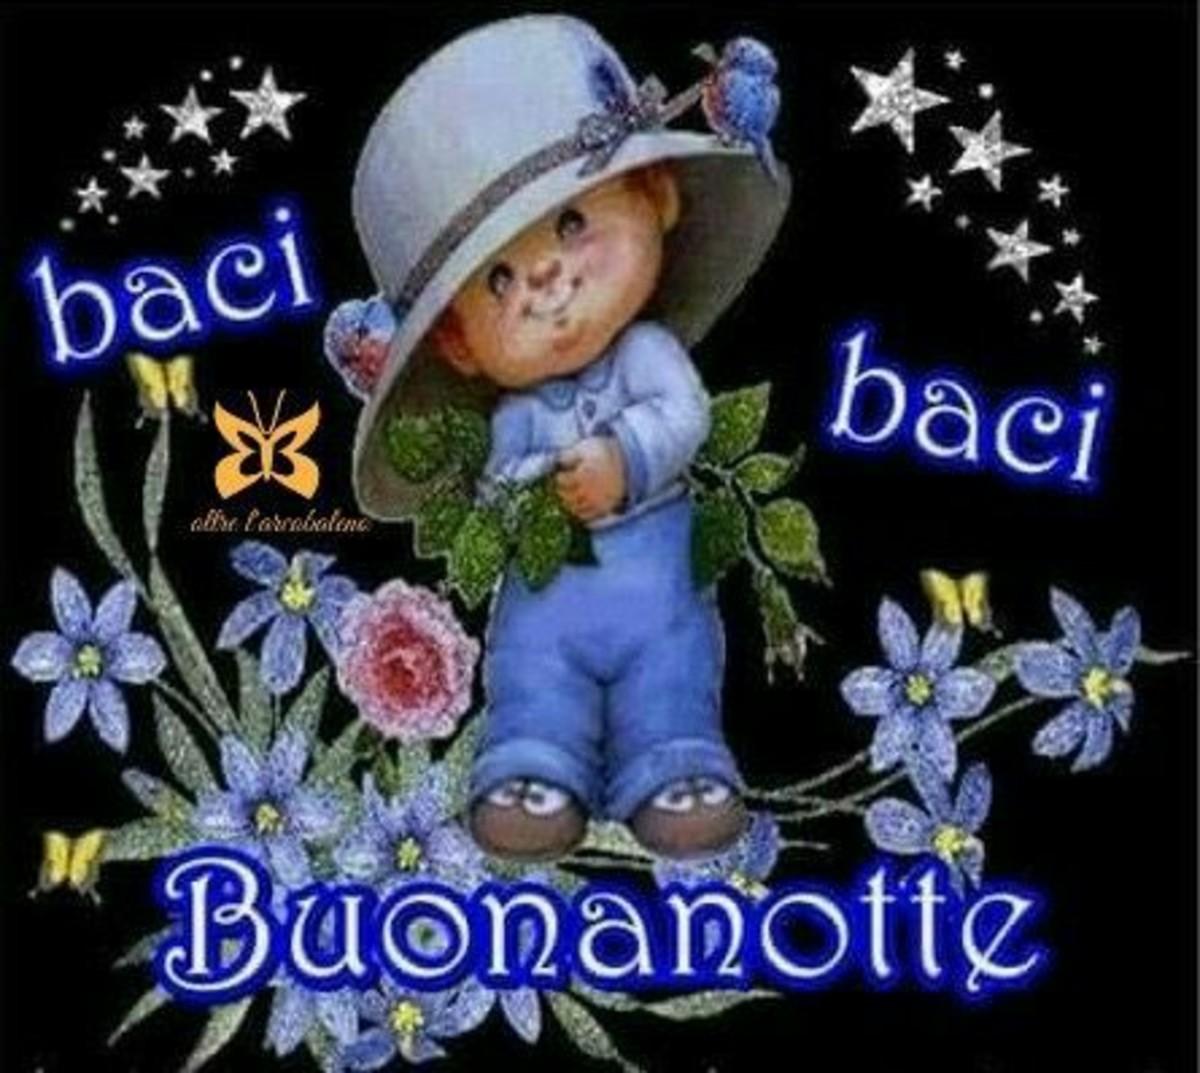 Immagini Buonanotte Da Scaricare Gratis Archives Bellissimeimmagini It